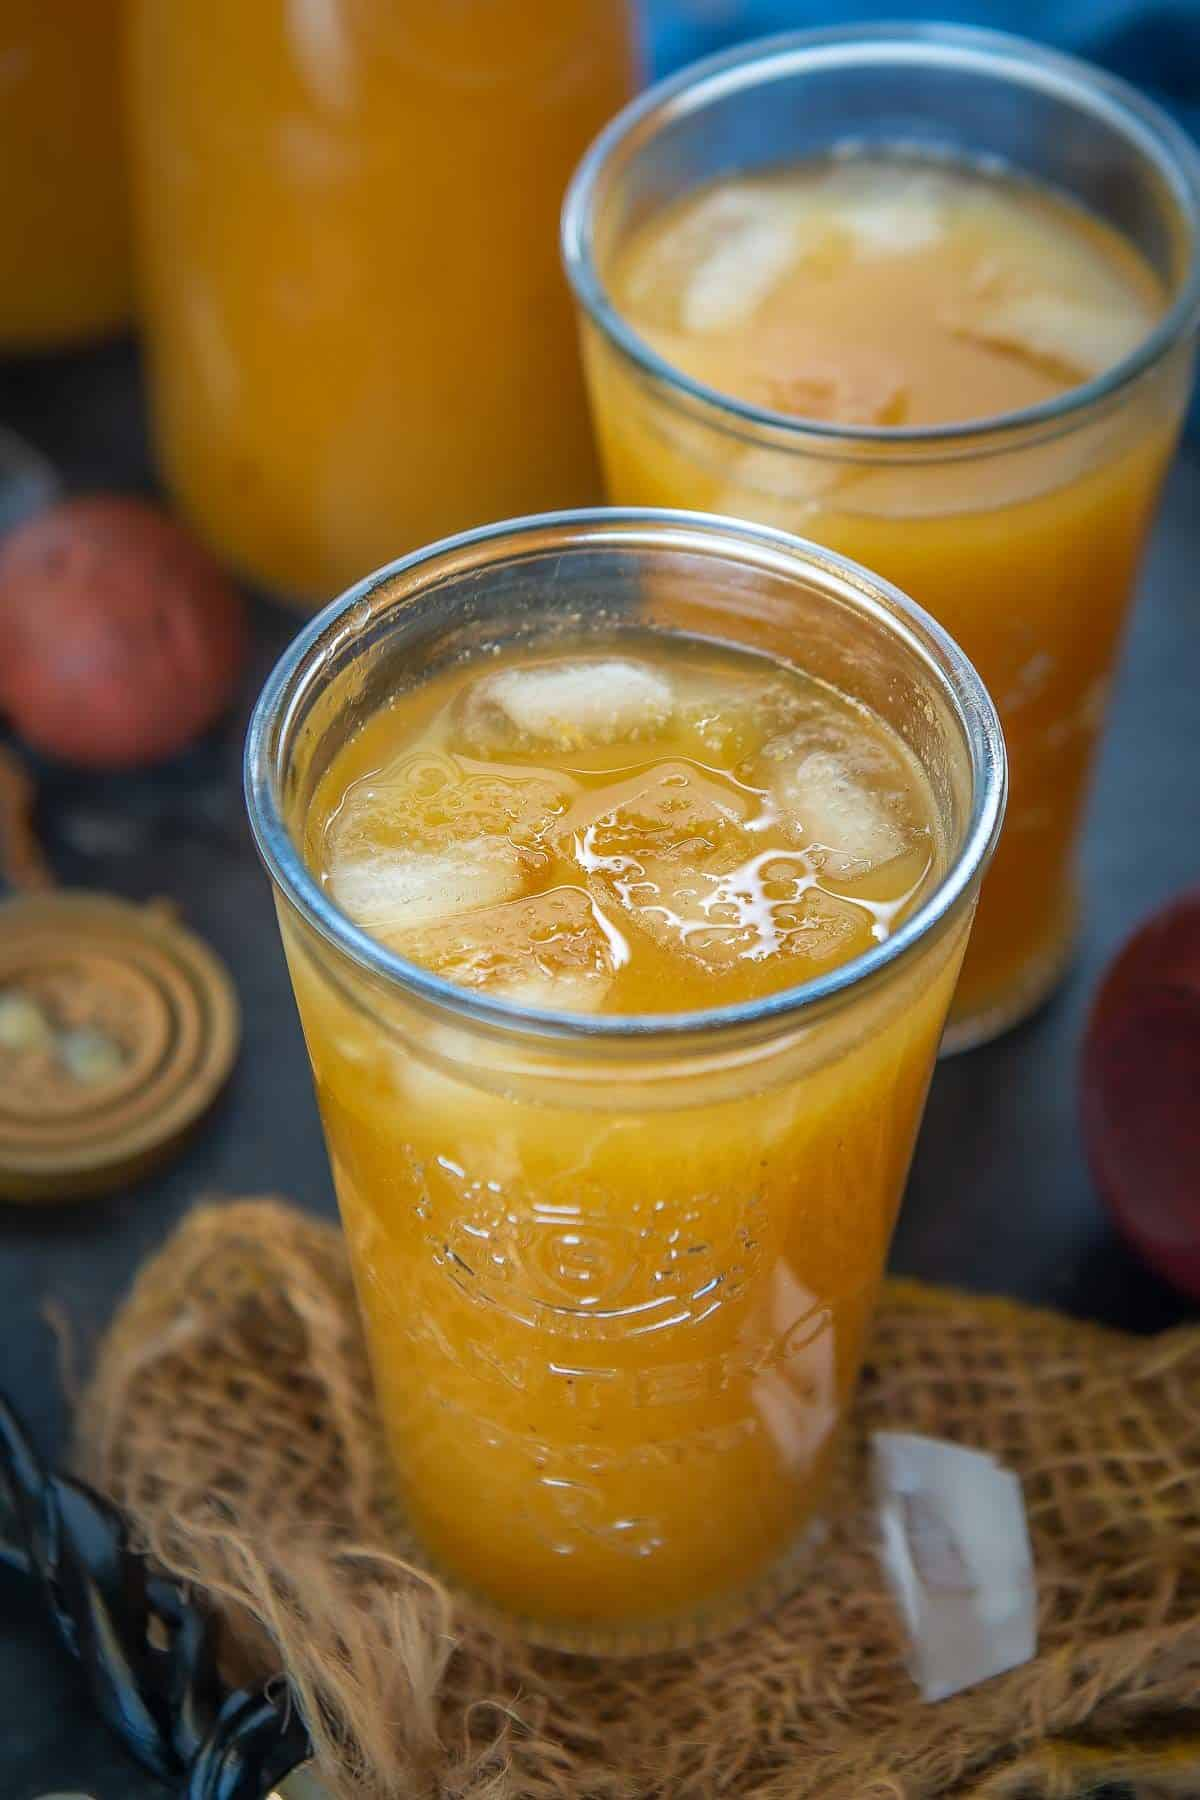 Pumpkin juice served in a glass.